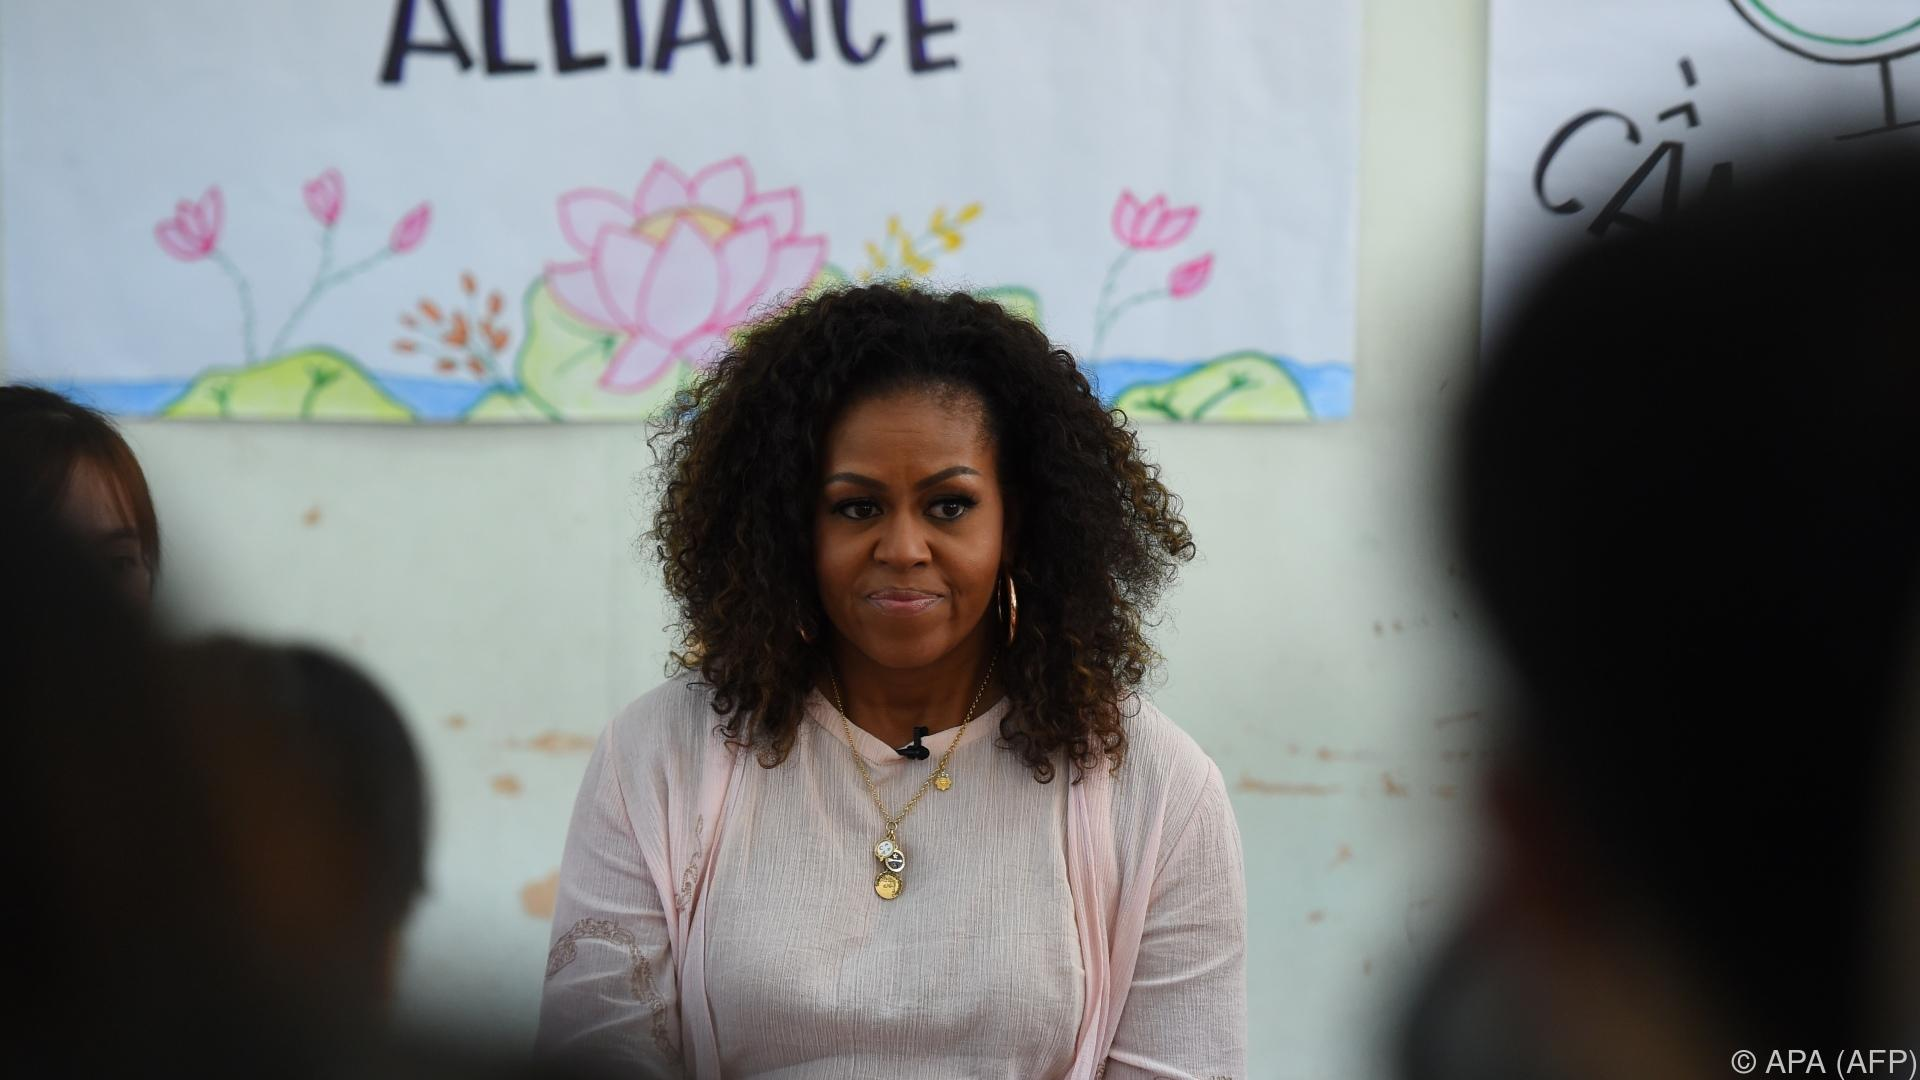 Pizza statt Gemüse: Trump kritisiert Schulkantinen-Reform von Michelle Obama